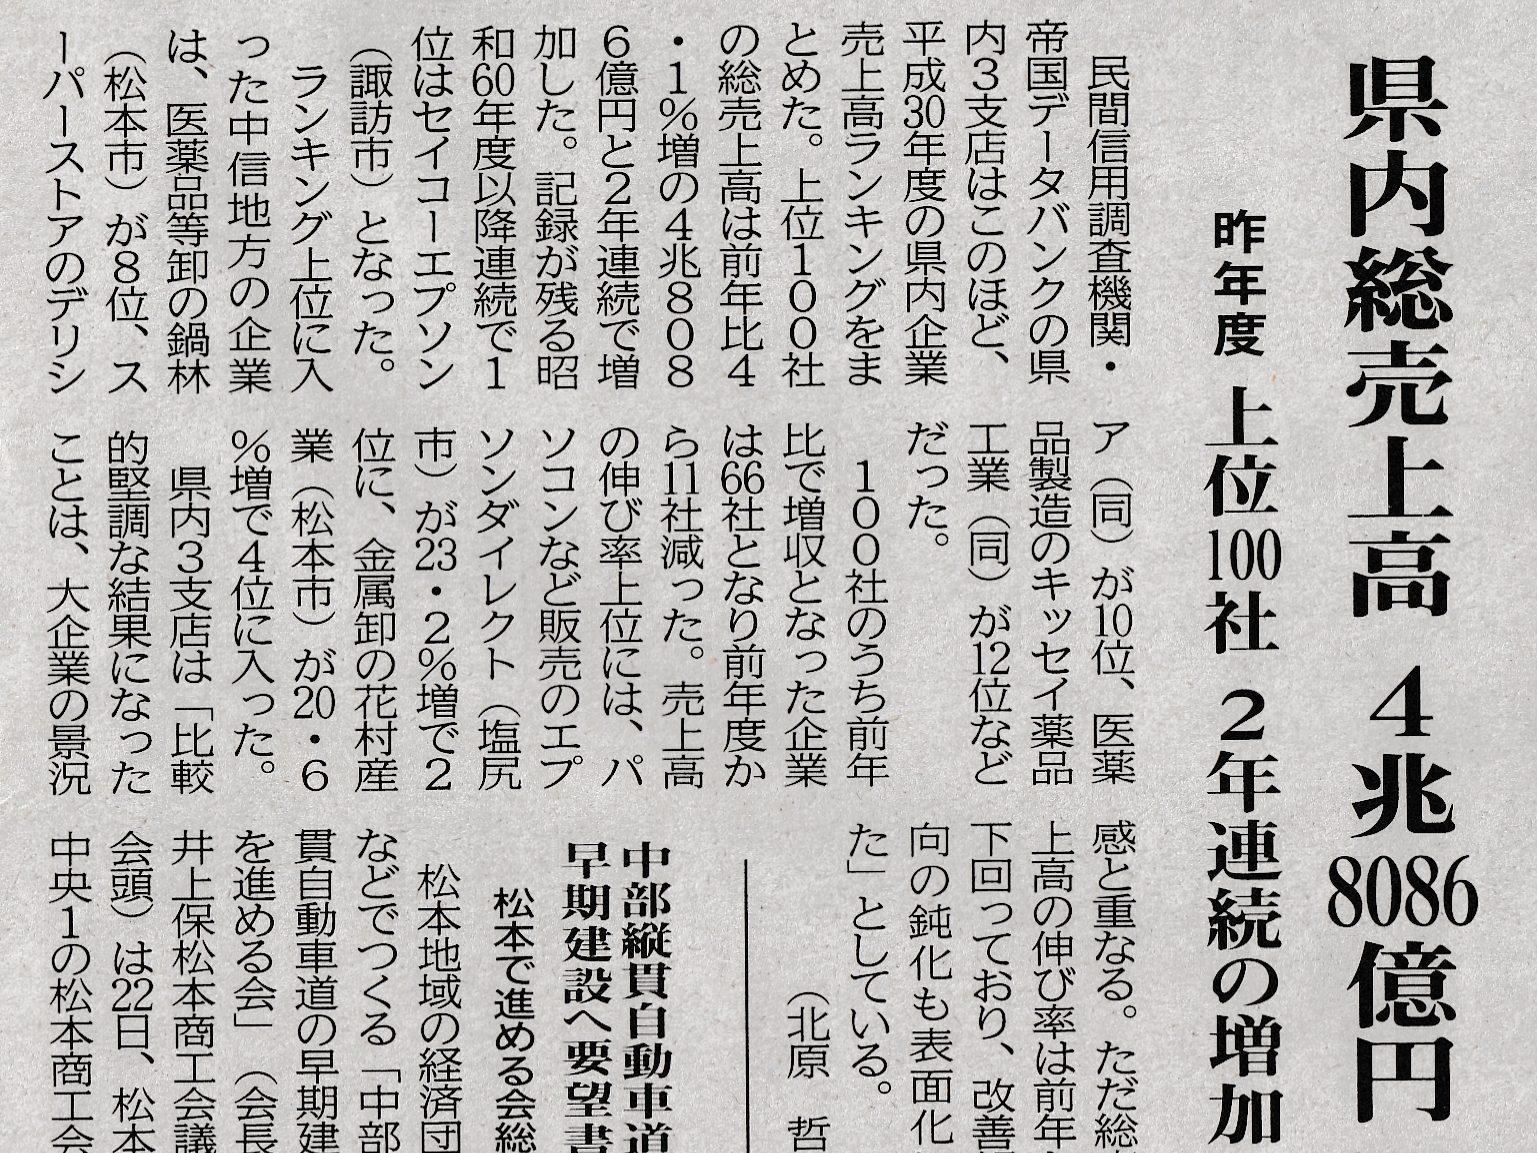 長野県内企業の売上高ランキング2019